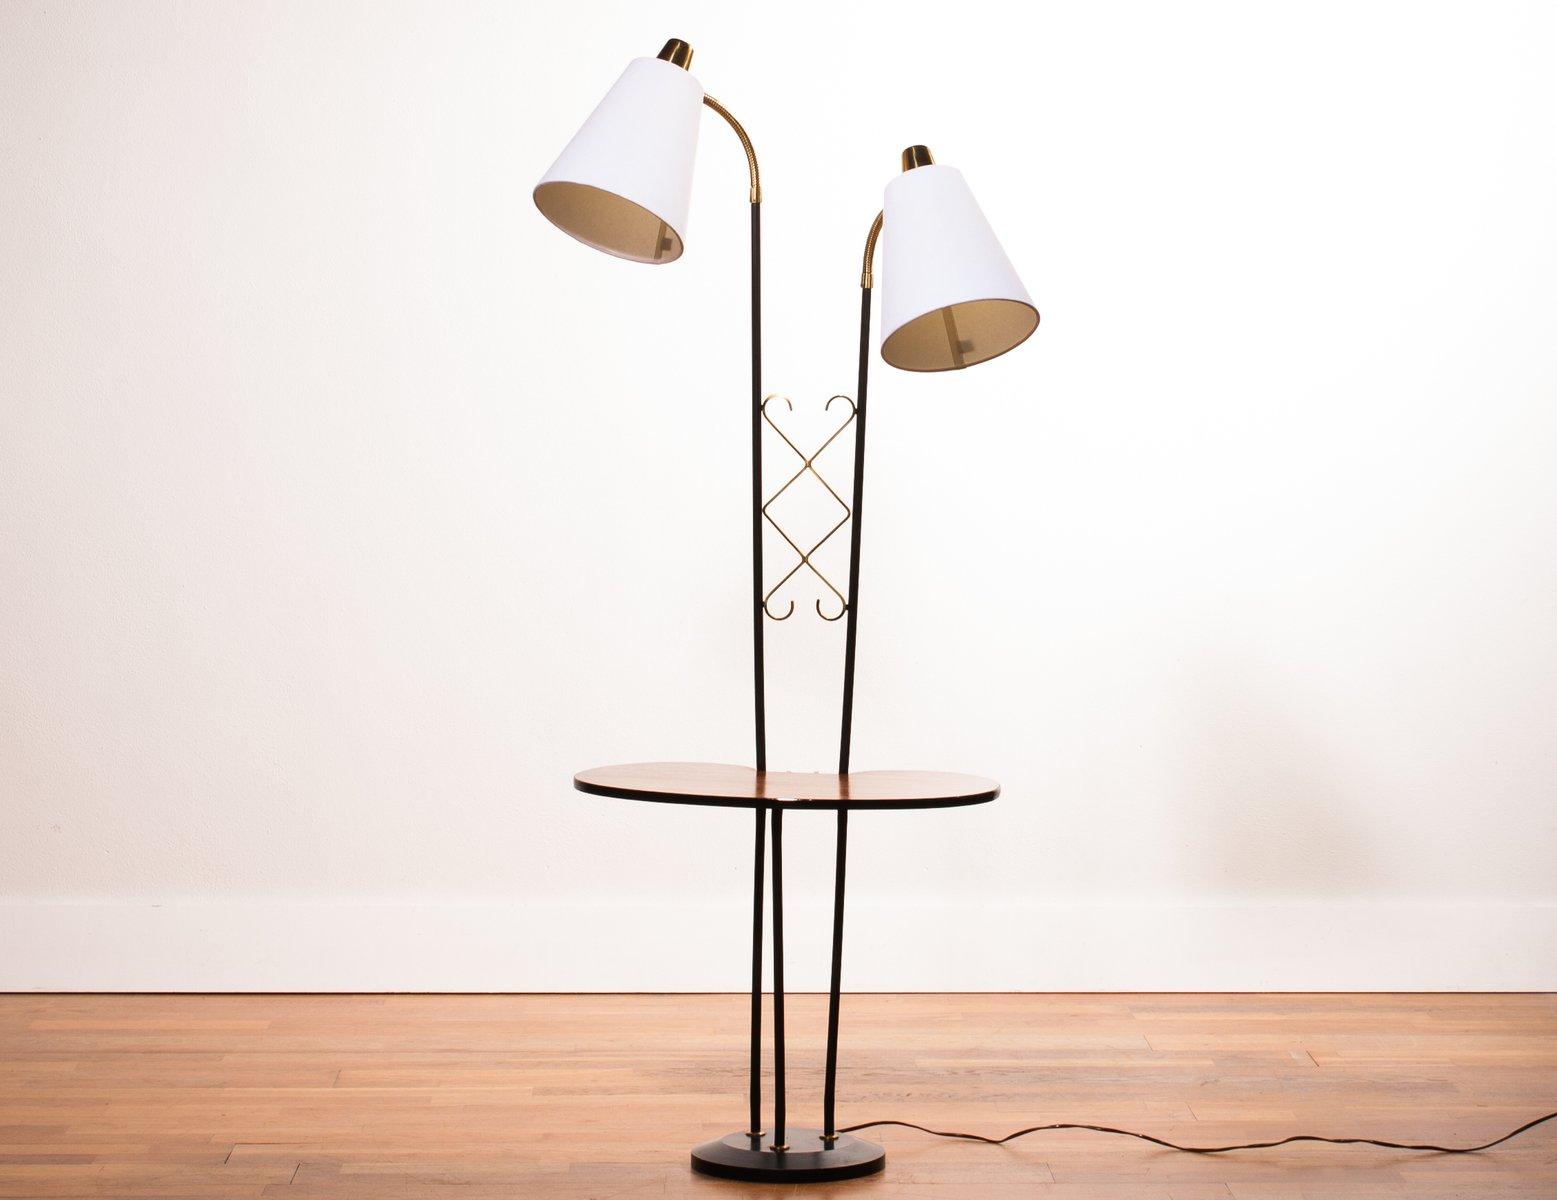 Stehlampe mit zwei leuchten und ablage 1950er bei pamono for Stehlampe mit kristallen